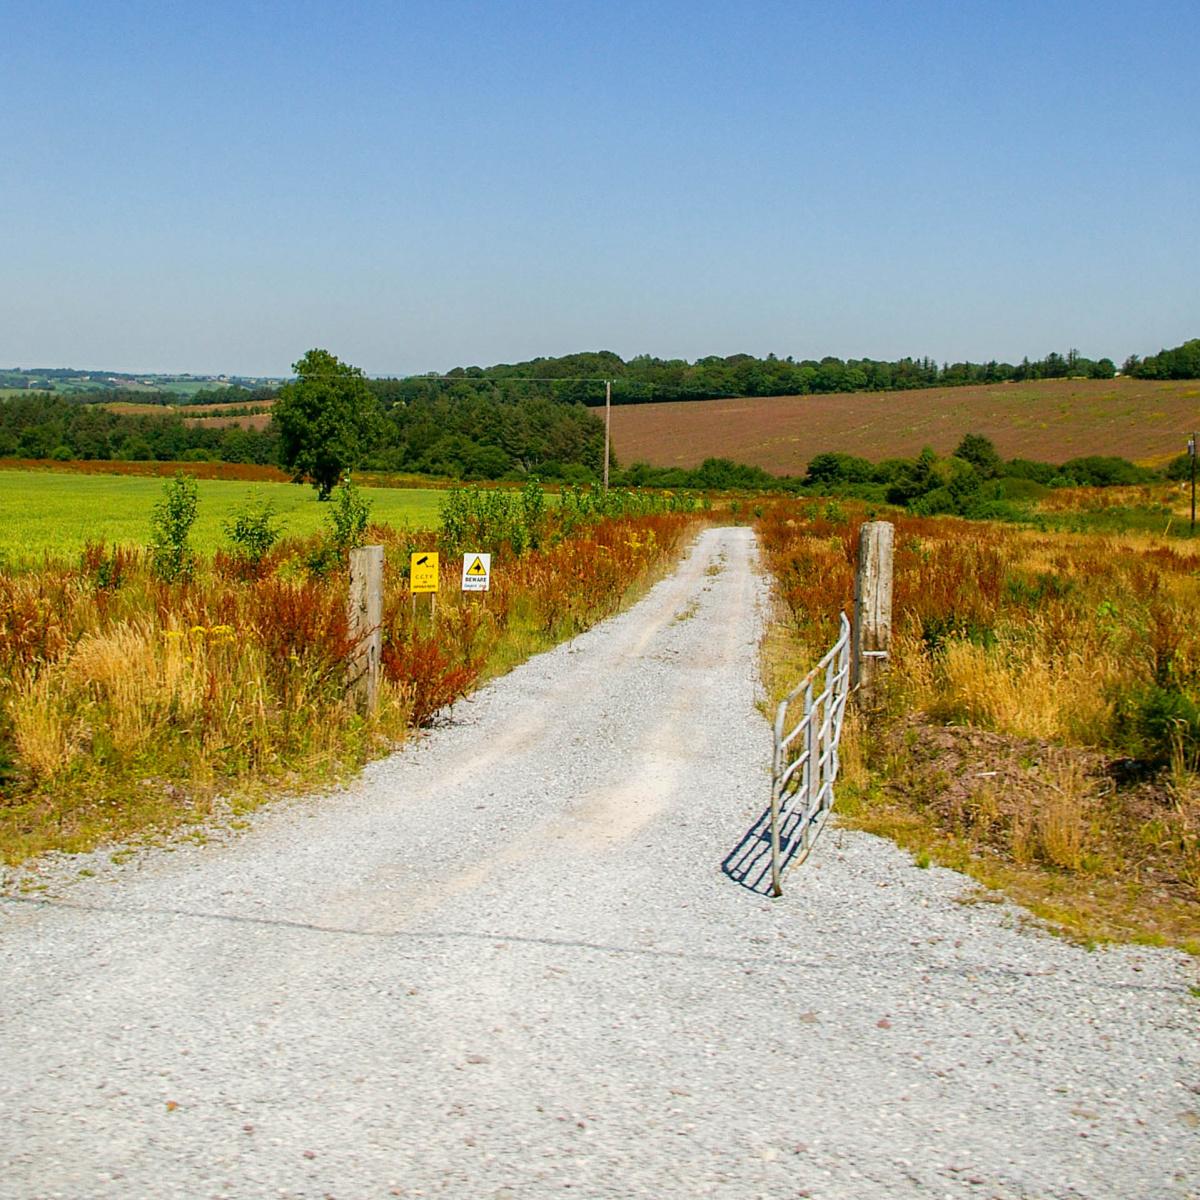 Dusty Irish Road